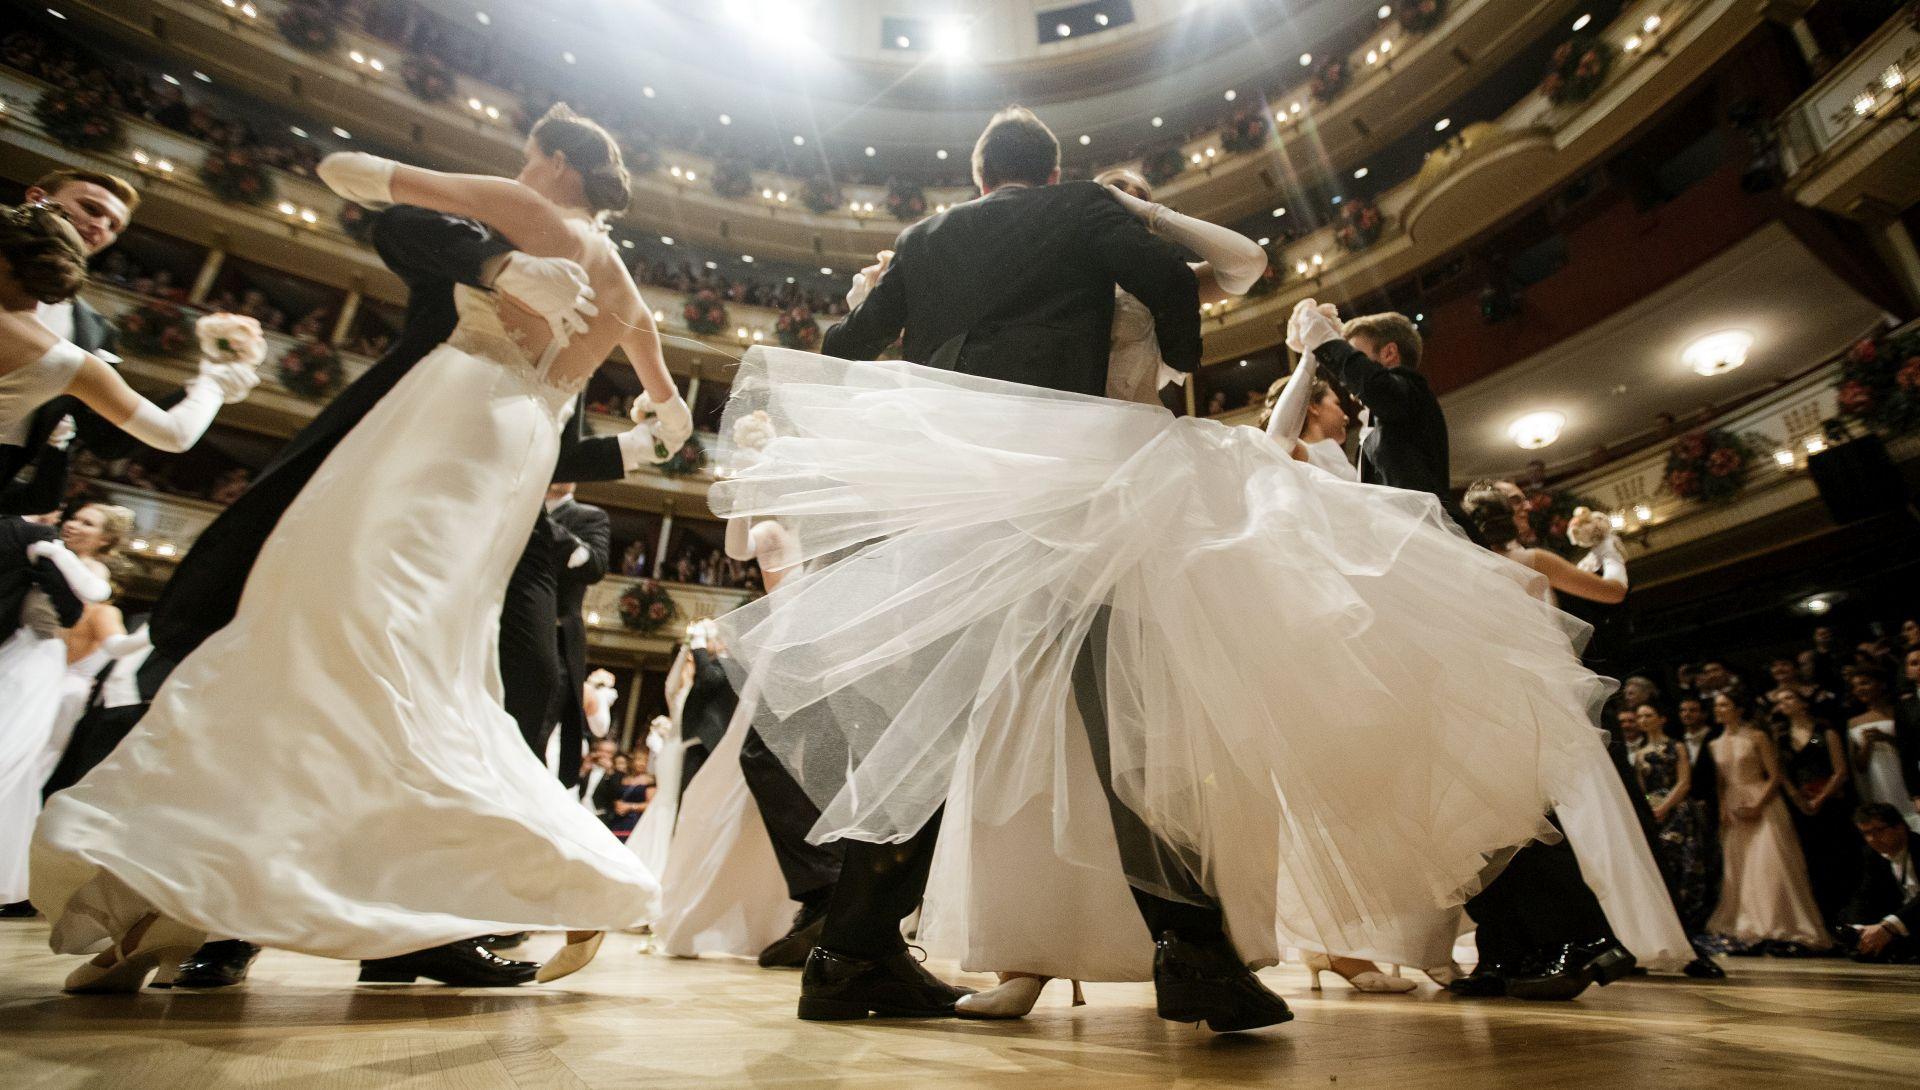 Otvoren 62. Operni bal u Bečkoj državnoj operi